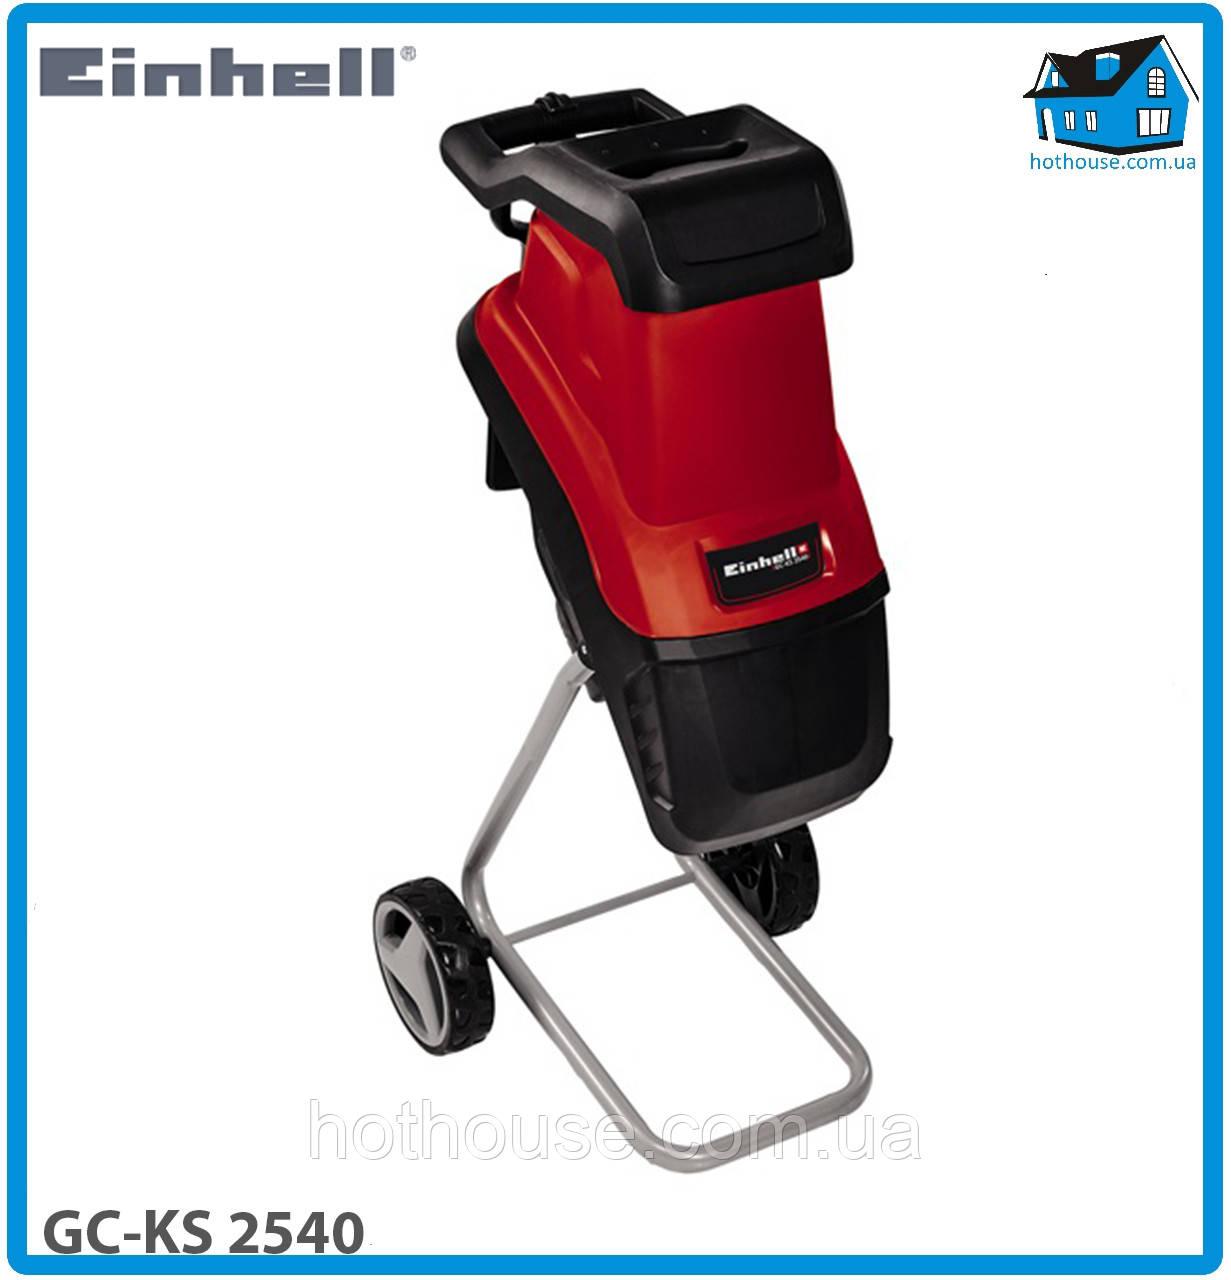 Измельчитель для веток Einhell GC-KS 2540